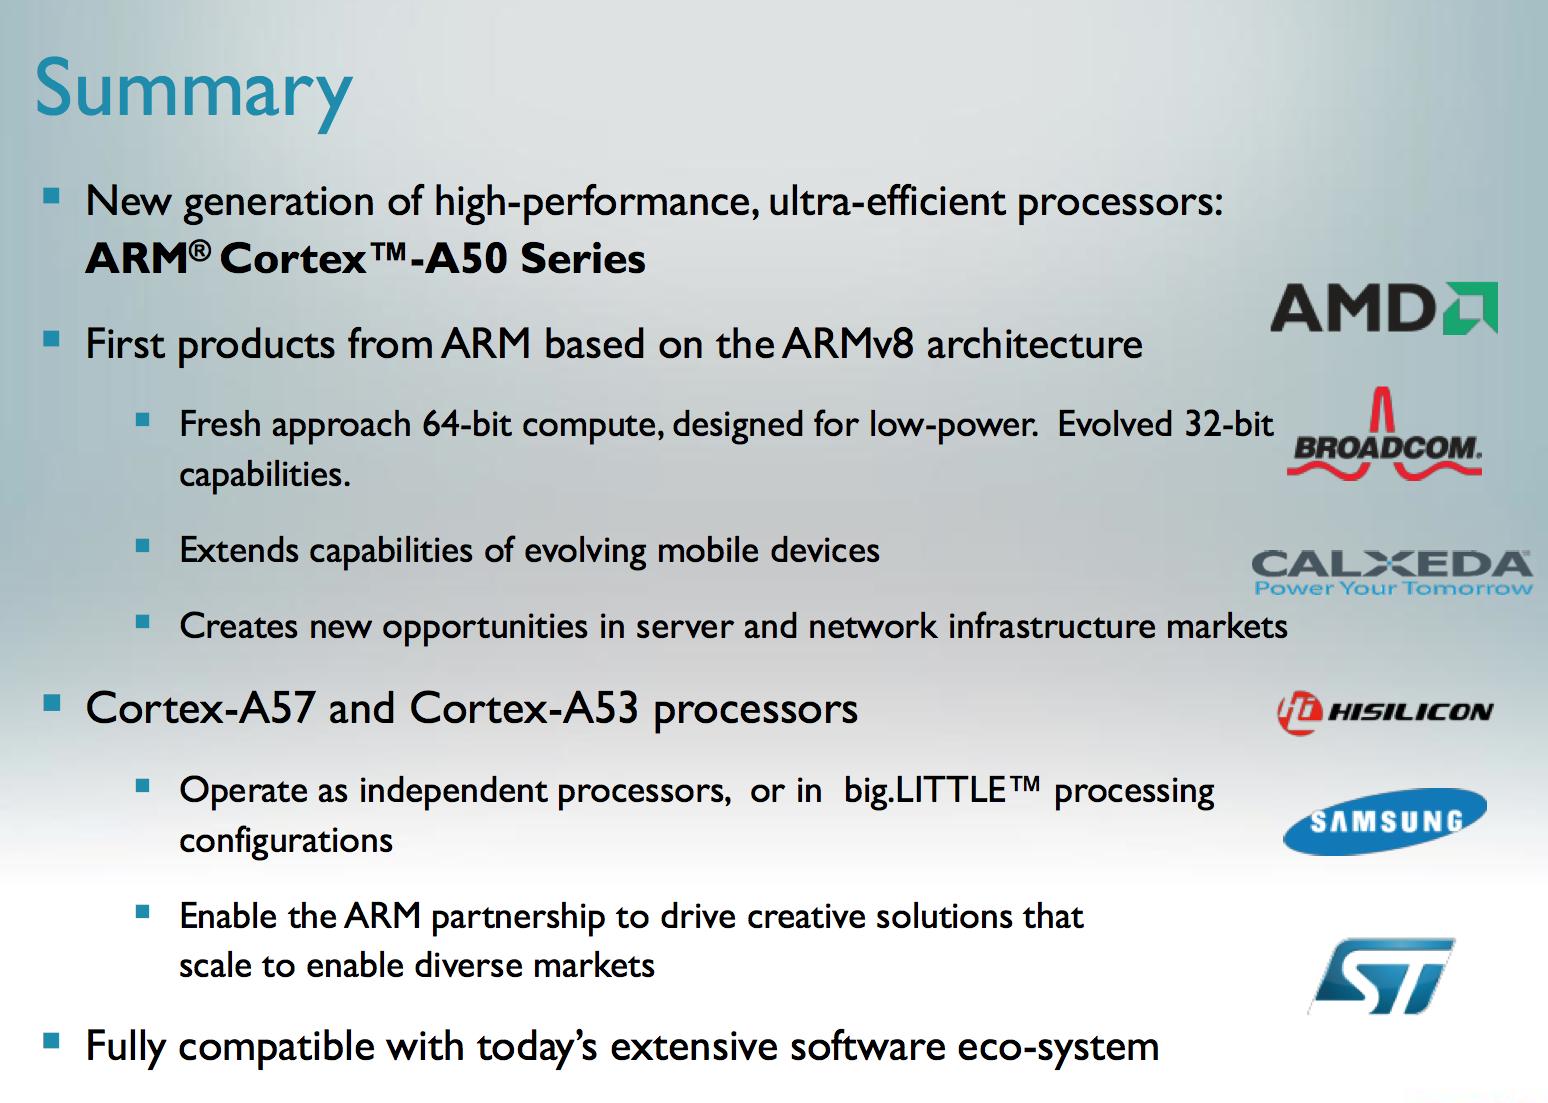 ARM's Cortex A57 and Cortex A53: The First 64-bit ARMv8 CPU